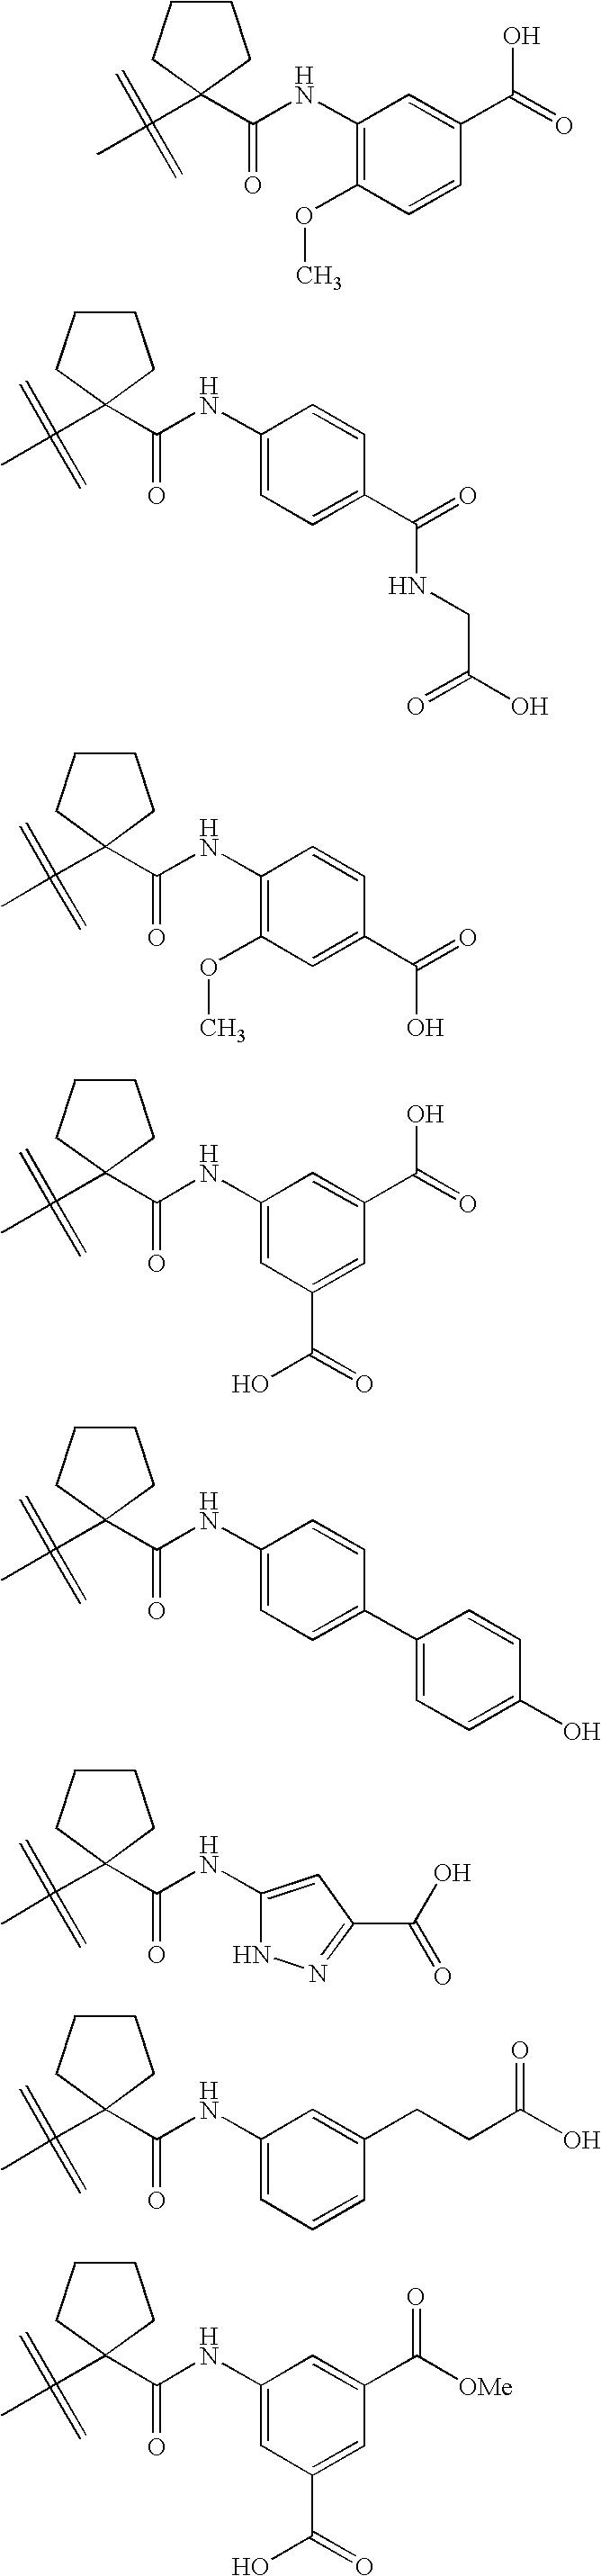 Figure US20070049593A1-20070301-C00141